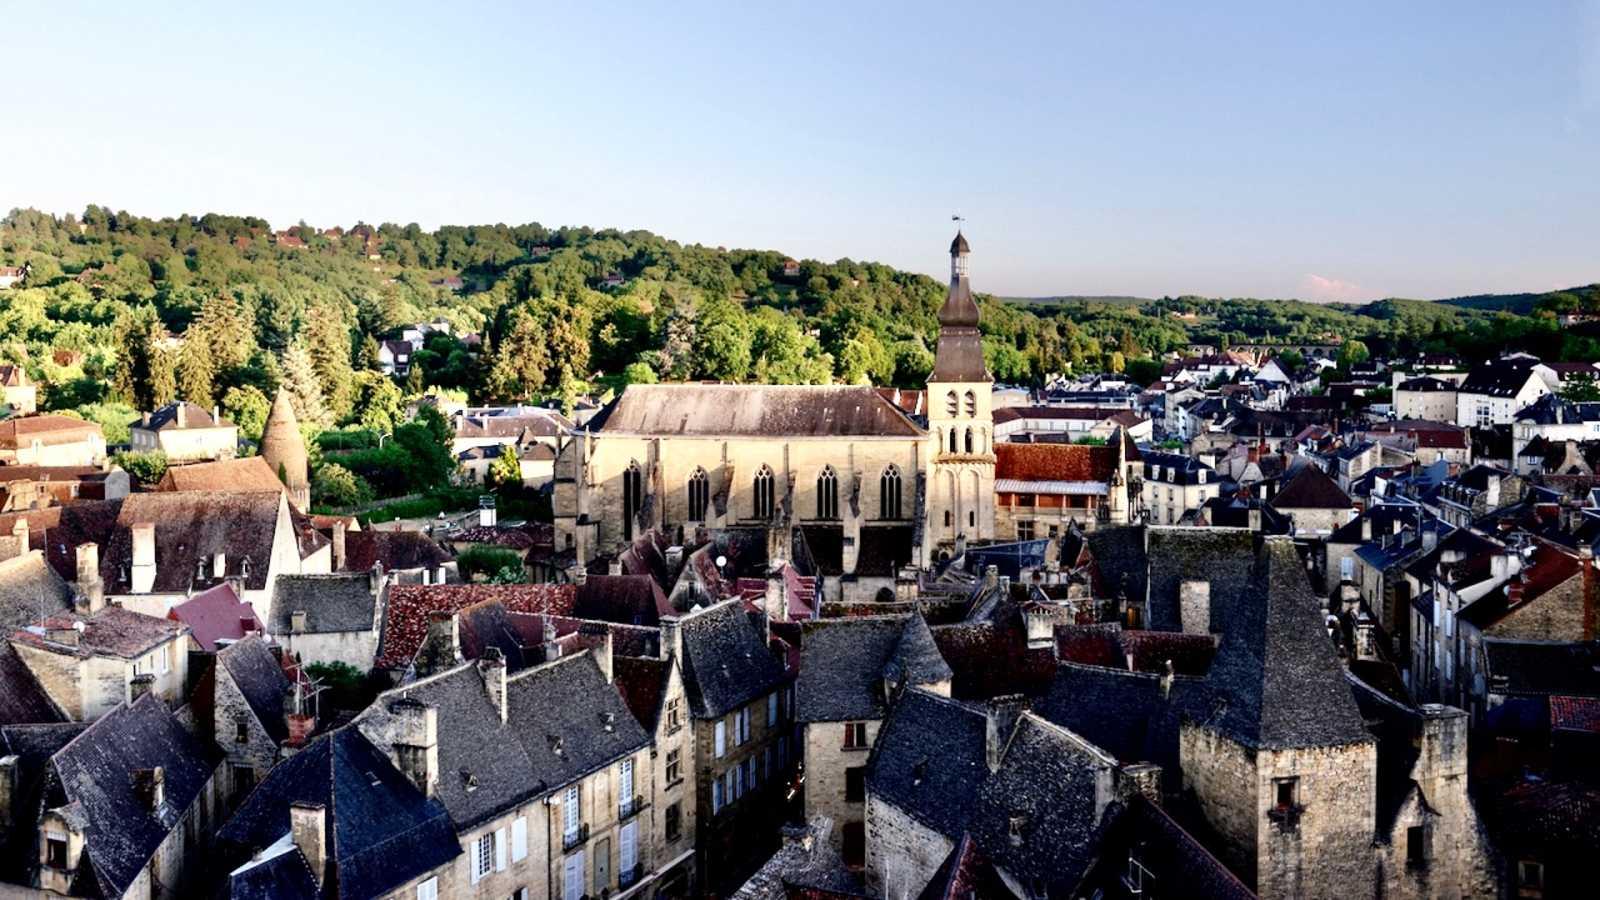 Global 5 - Dordoña-Périgord (II): región dividida por cuatro colores - 25/08/20 - Escuchar ahora